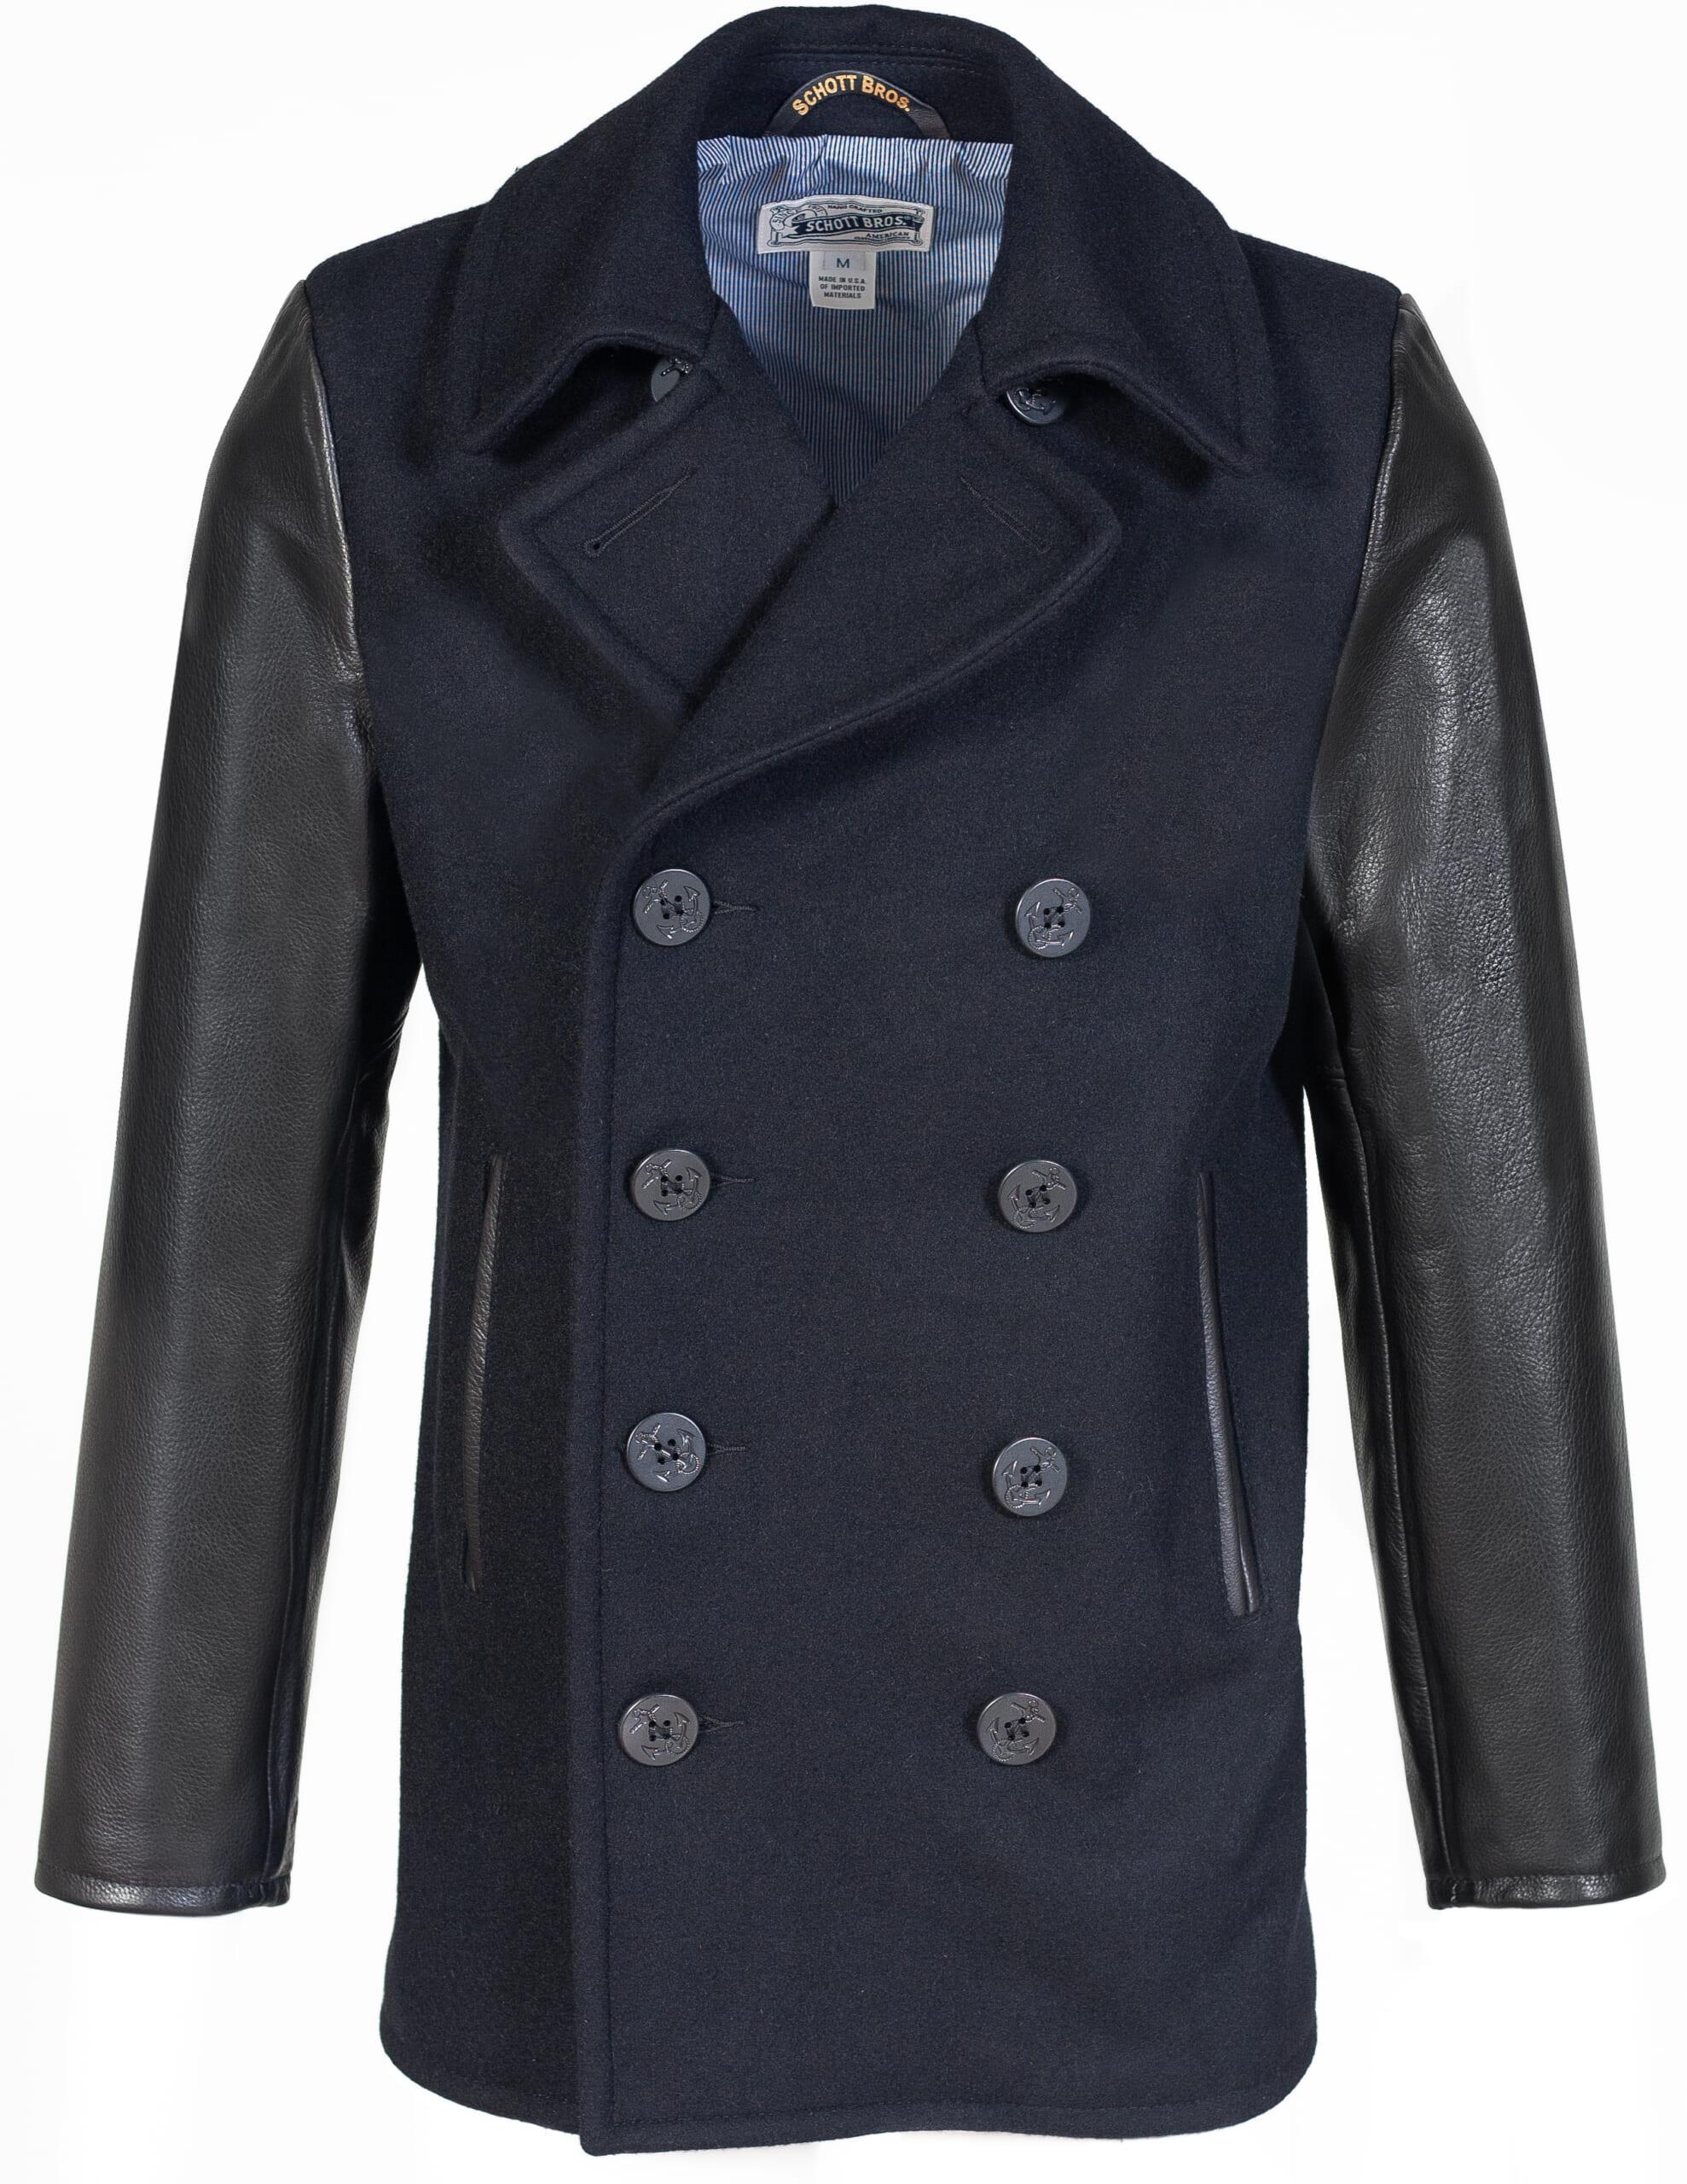 Schott NYC pea coat